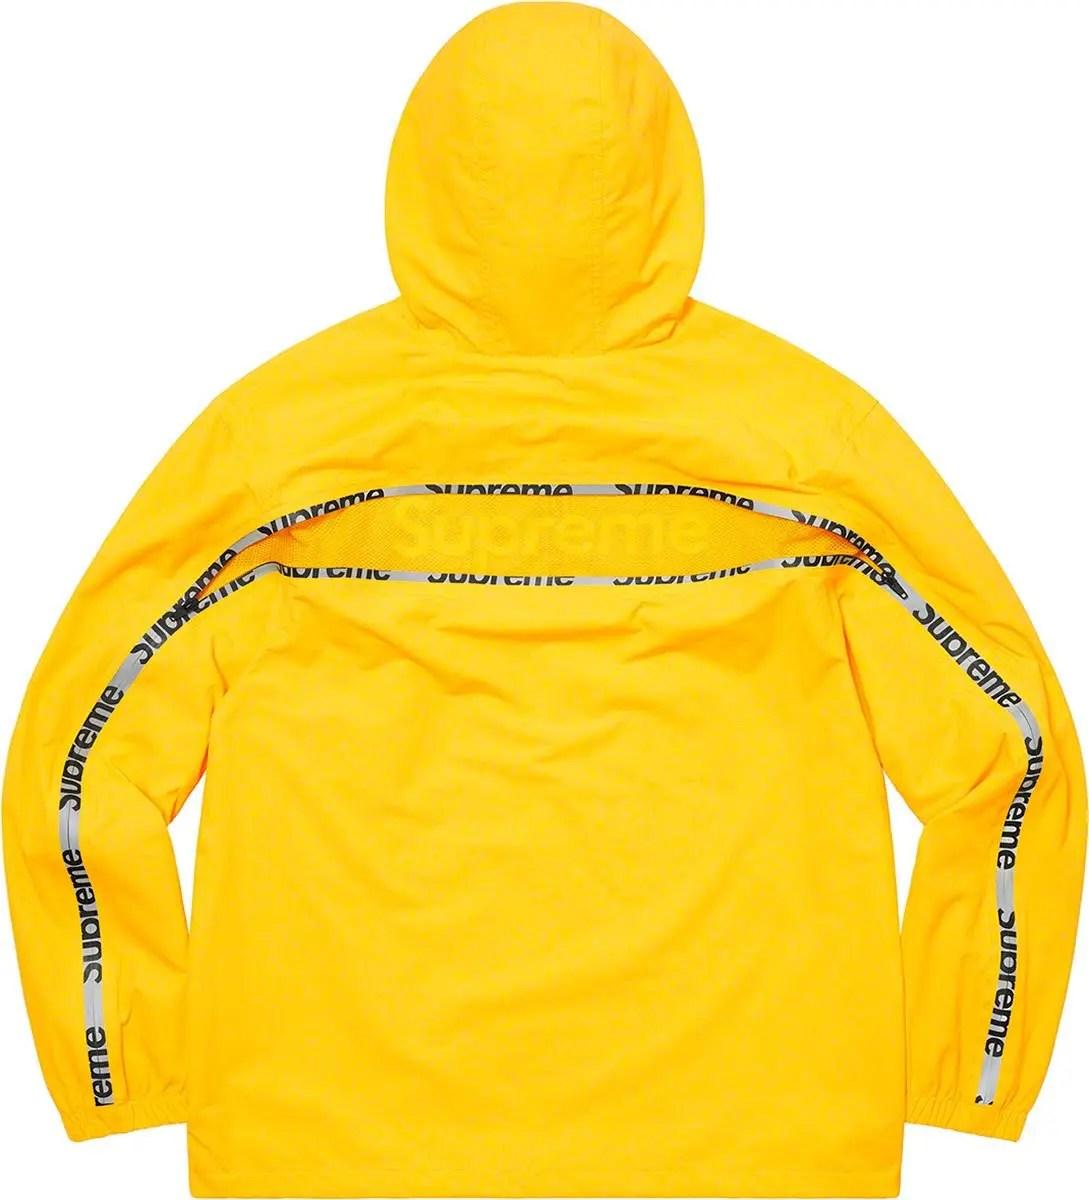 シュプリーム 2021年 春夏 新作 ジャケット Supreme 2021ss jacket 一覧 reflective-zip-hooded-back